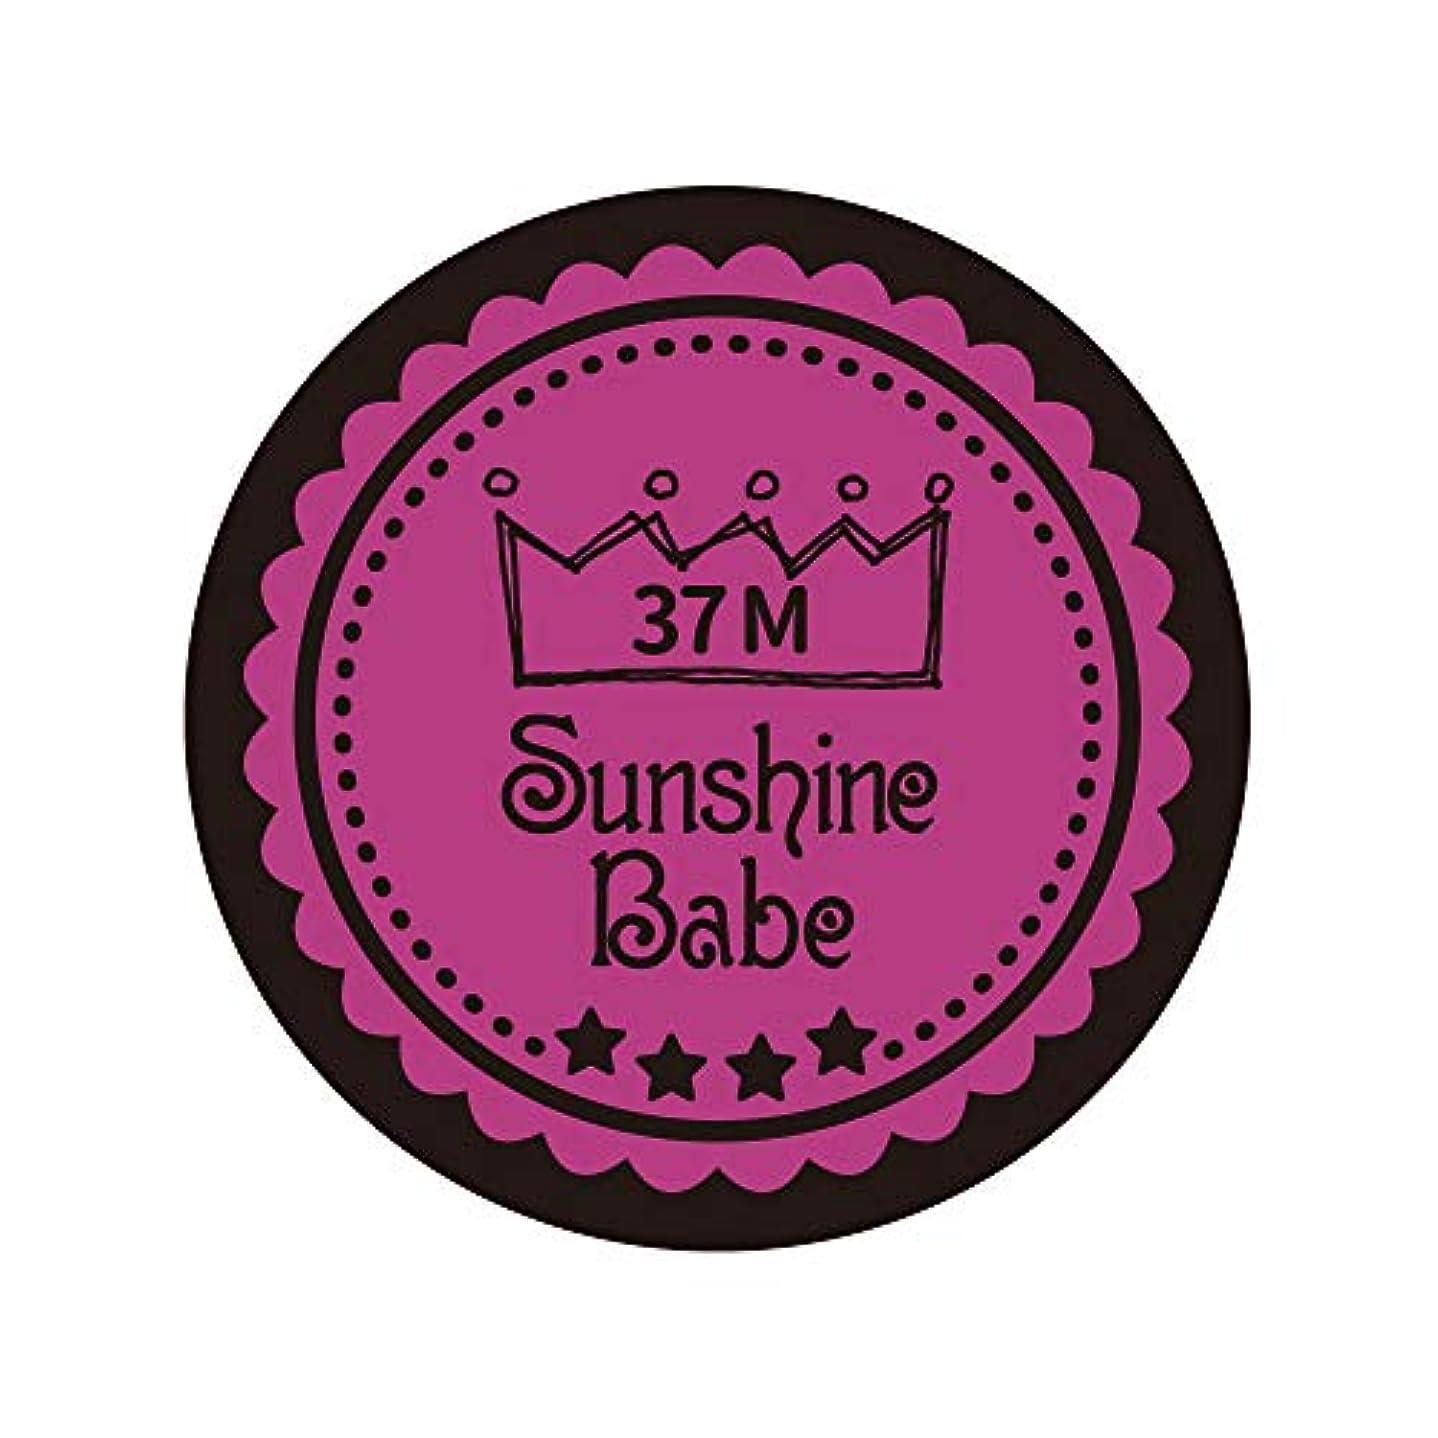 マニフェストパーセントベーシックSunshine Babe カラージェル 37M フューシャピンク 4g UV/LED対応